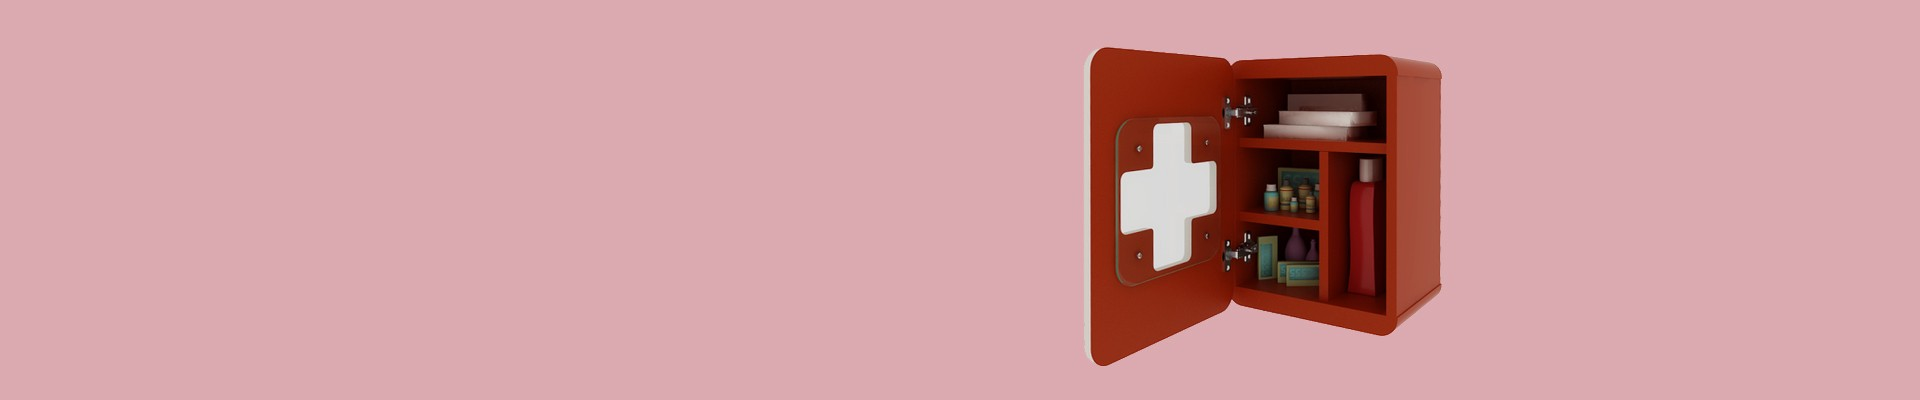 Jual Peralatan P3K Pilihan Lengkap & Harga Murah